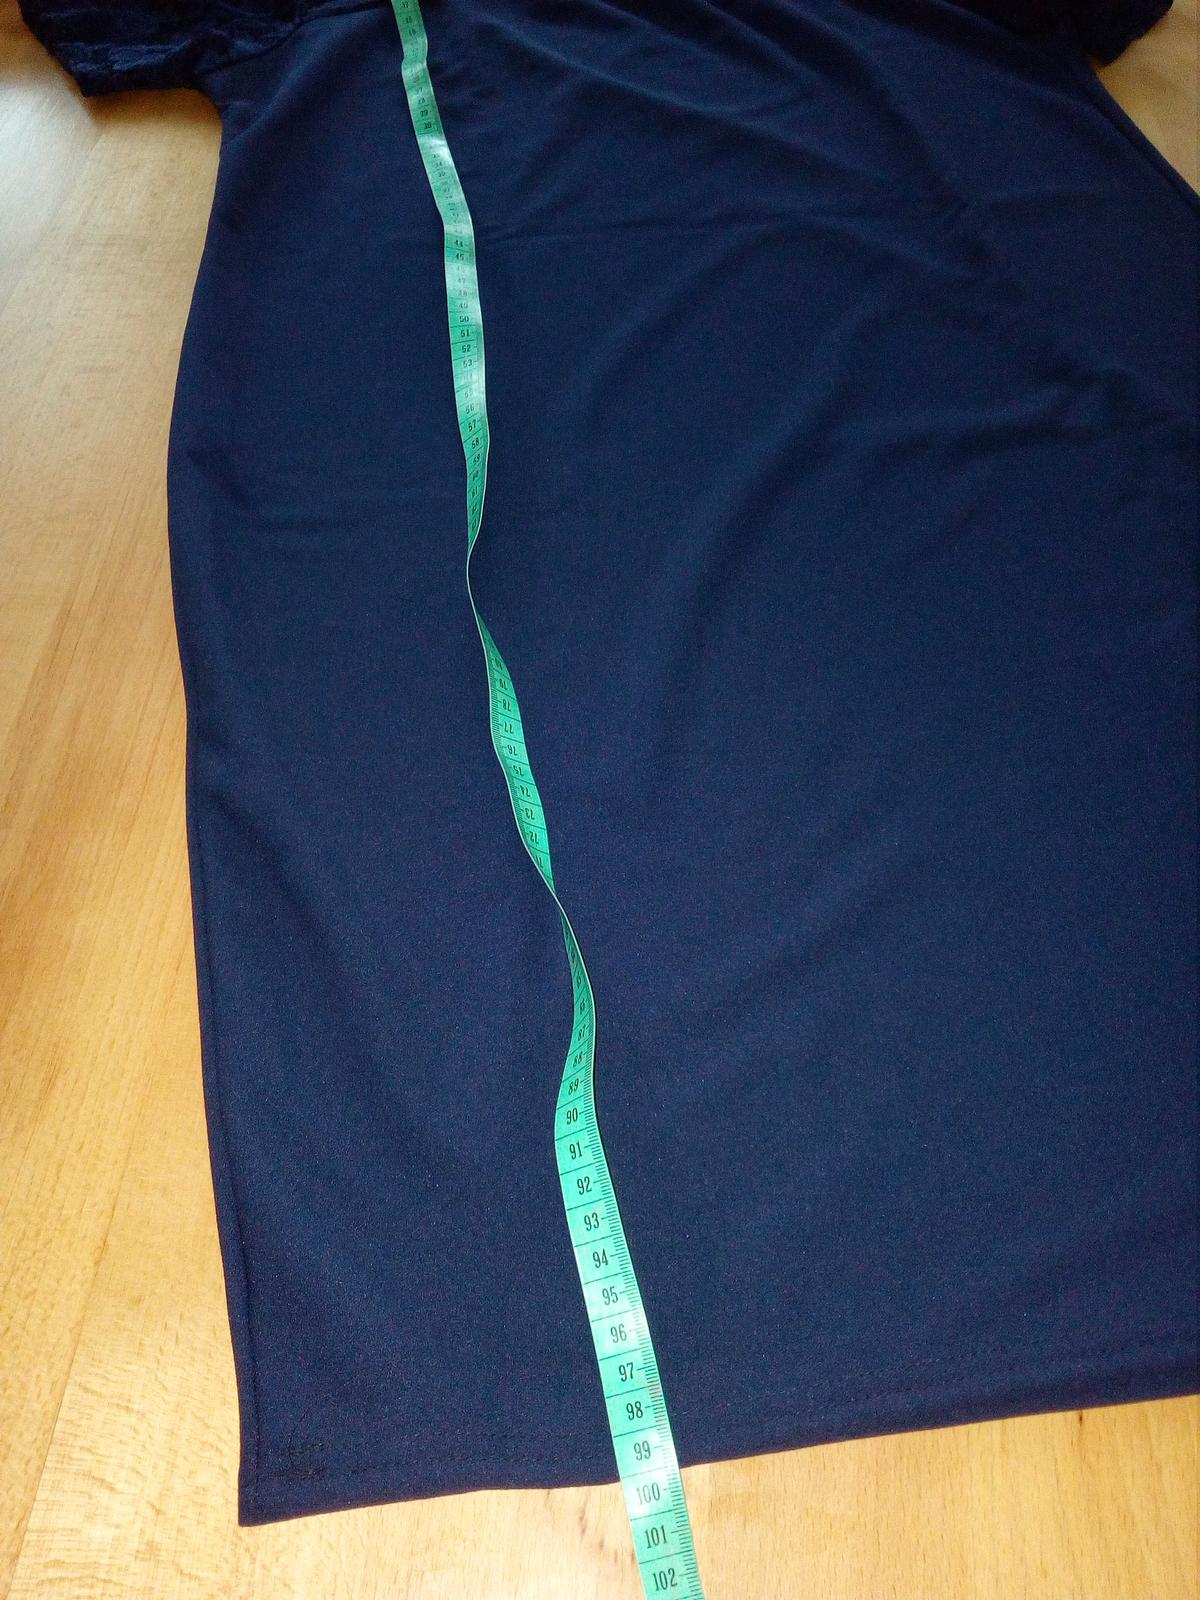 Šaty s čipkou, 42-44 - Obrázok č. 3